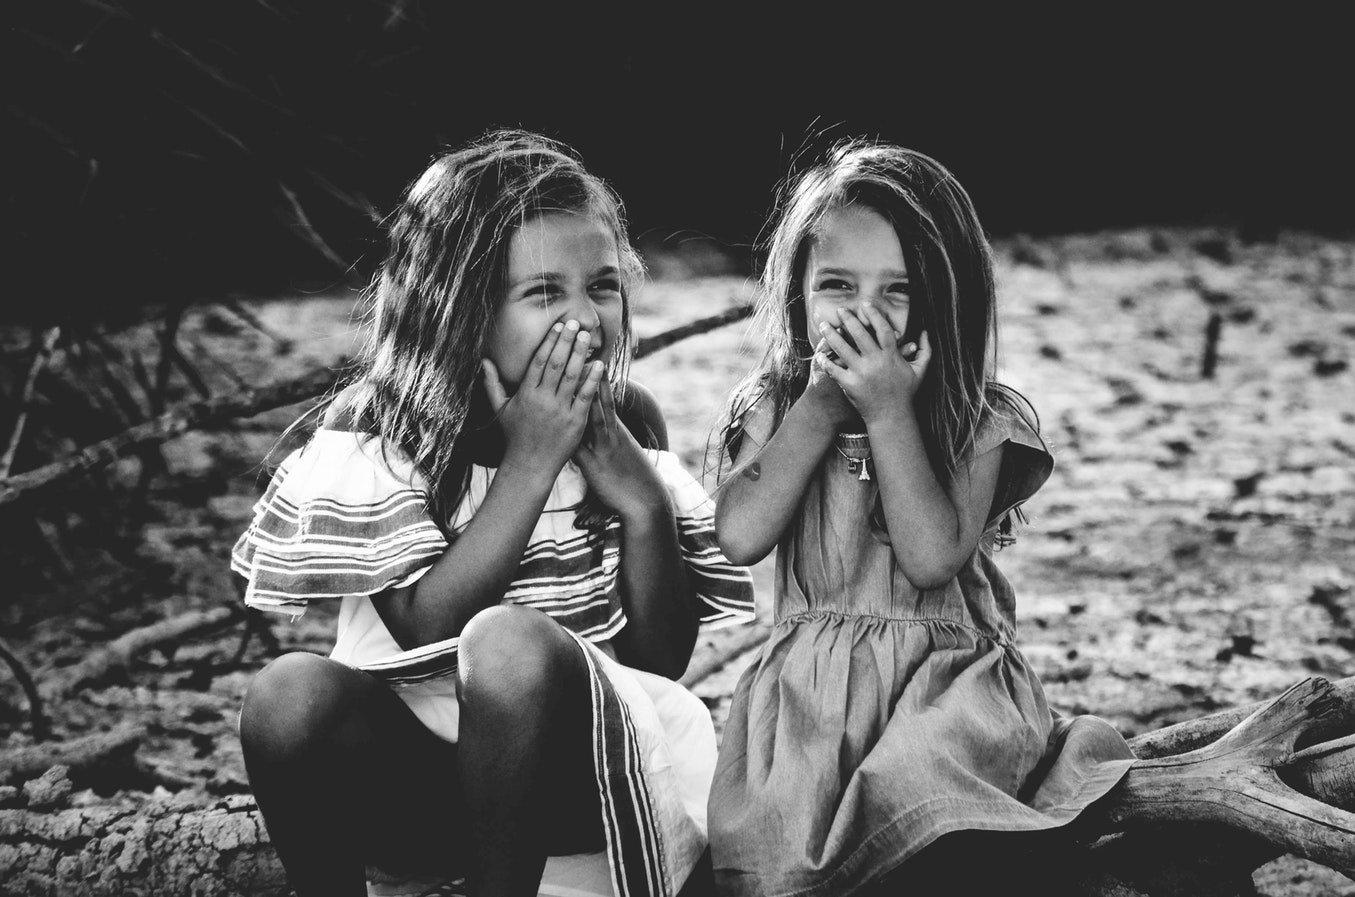 «Сиди и не дергайся, ты нормальный или нет?» — почему мы орем на детей, когда чужим что-то не нравится